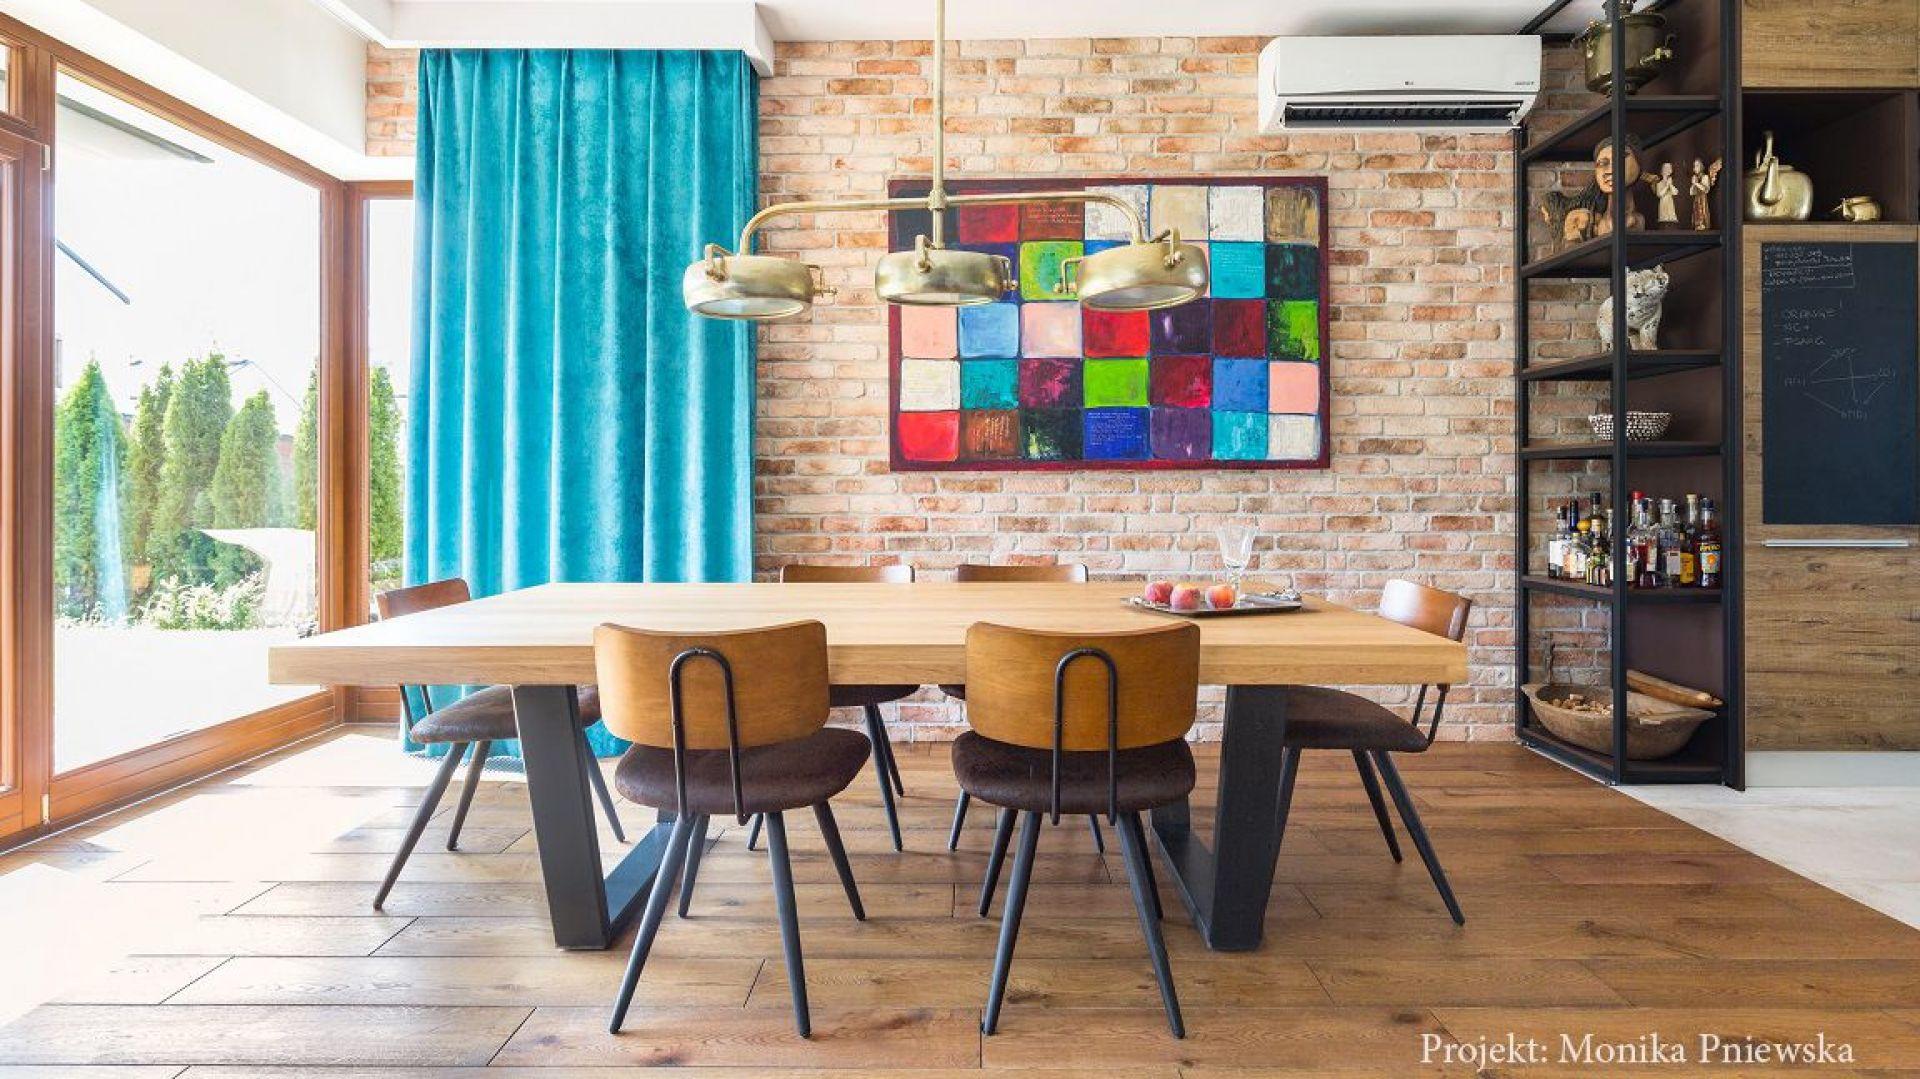 Oryginalna forma stołu to projekt właściciela. Projekt: Monika Pniewska. Fot. Pion Poziom